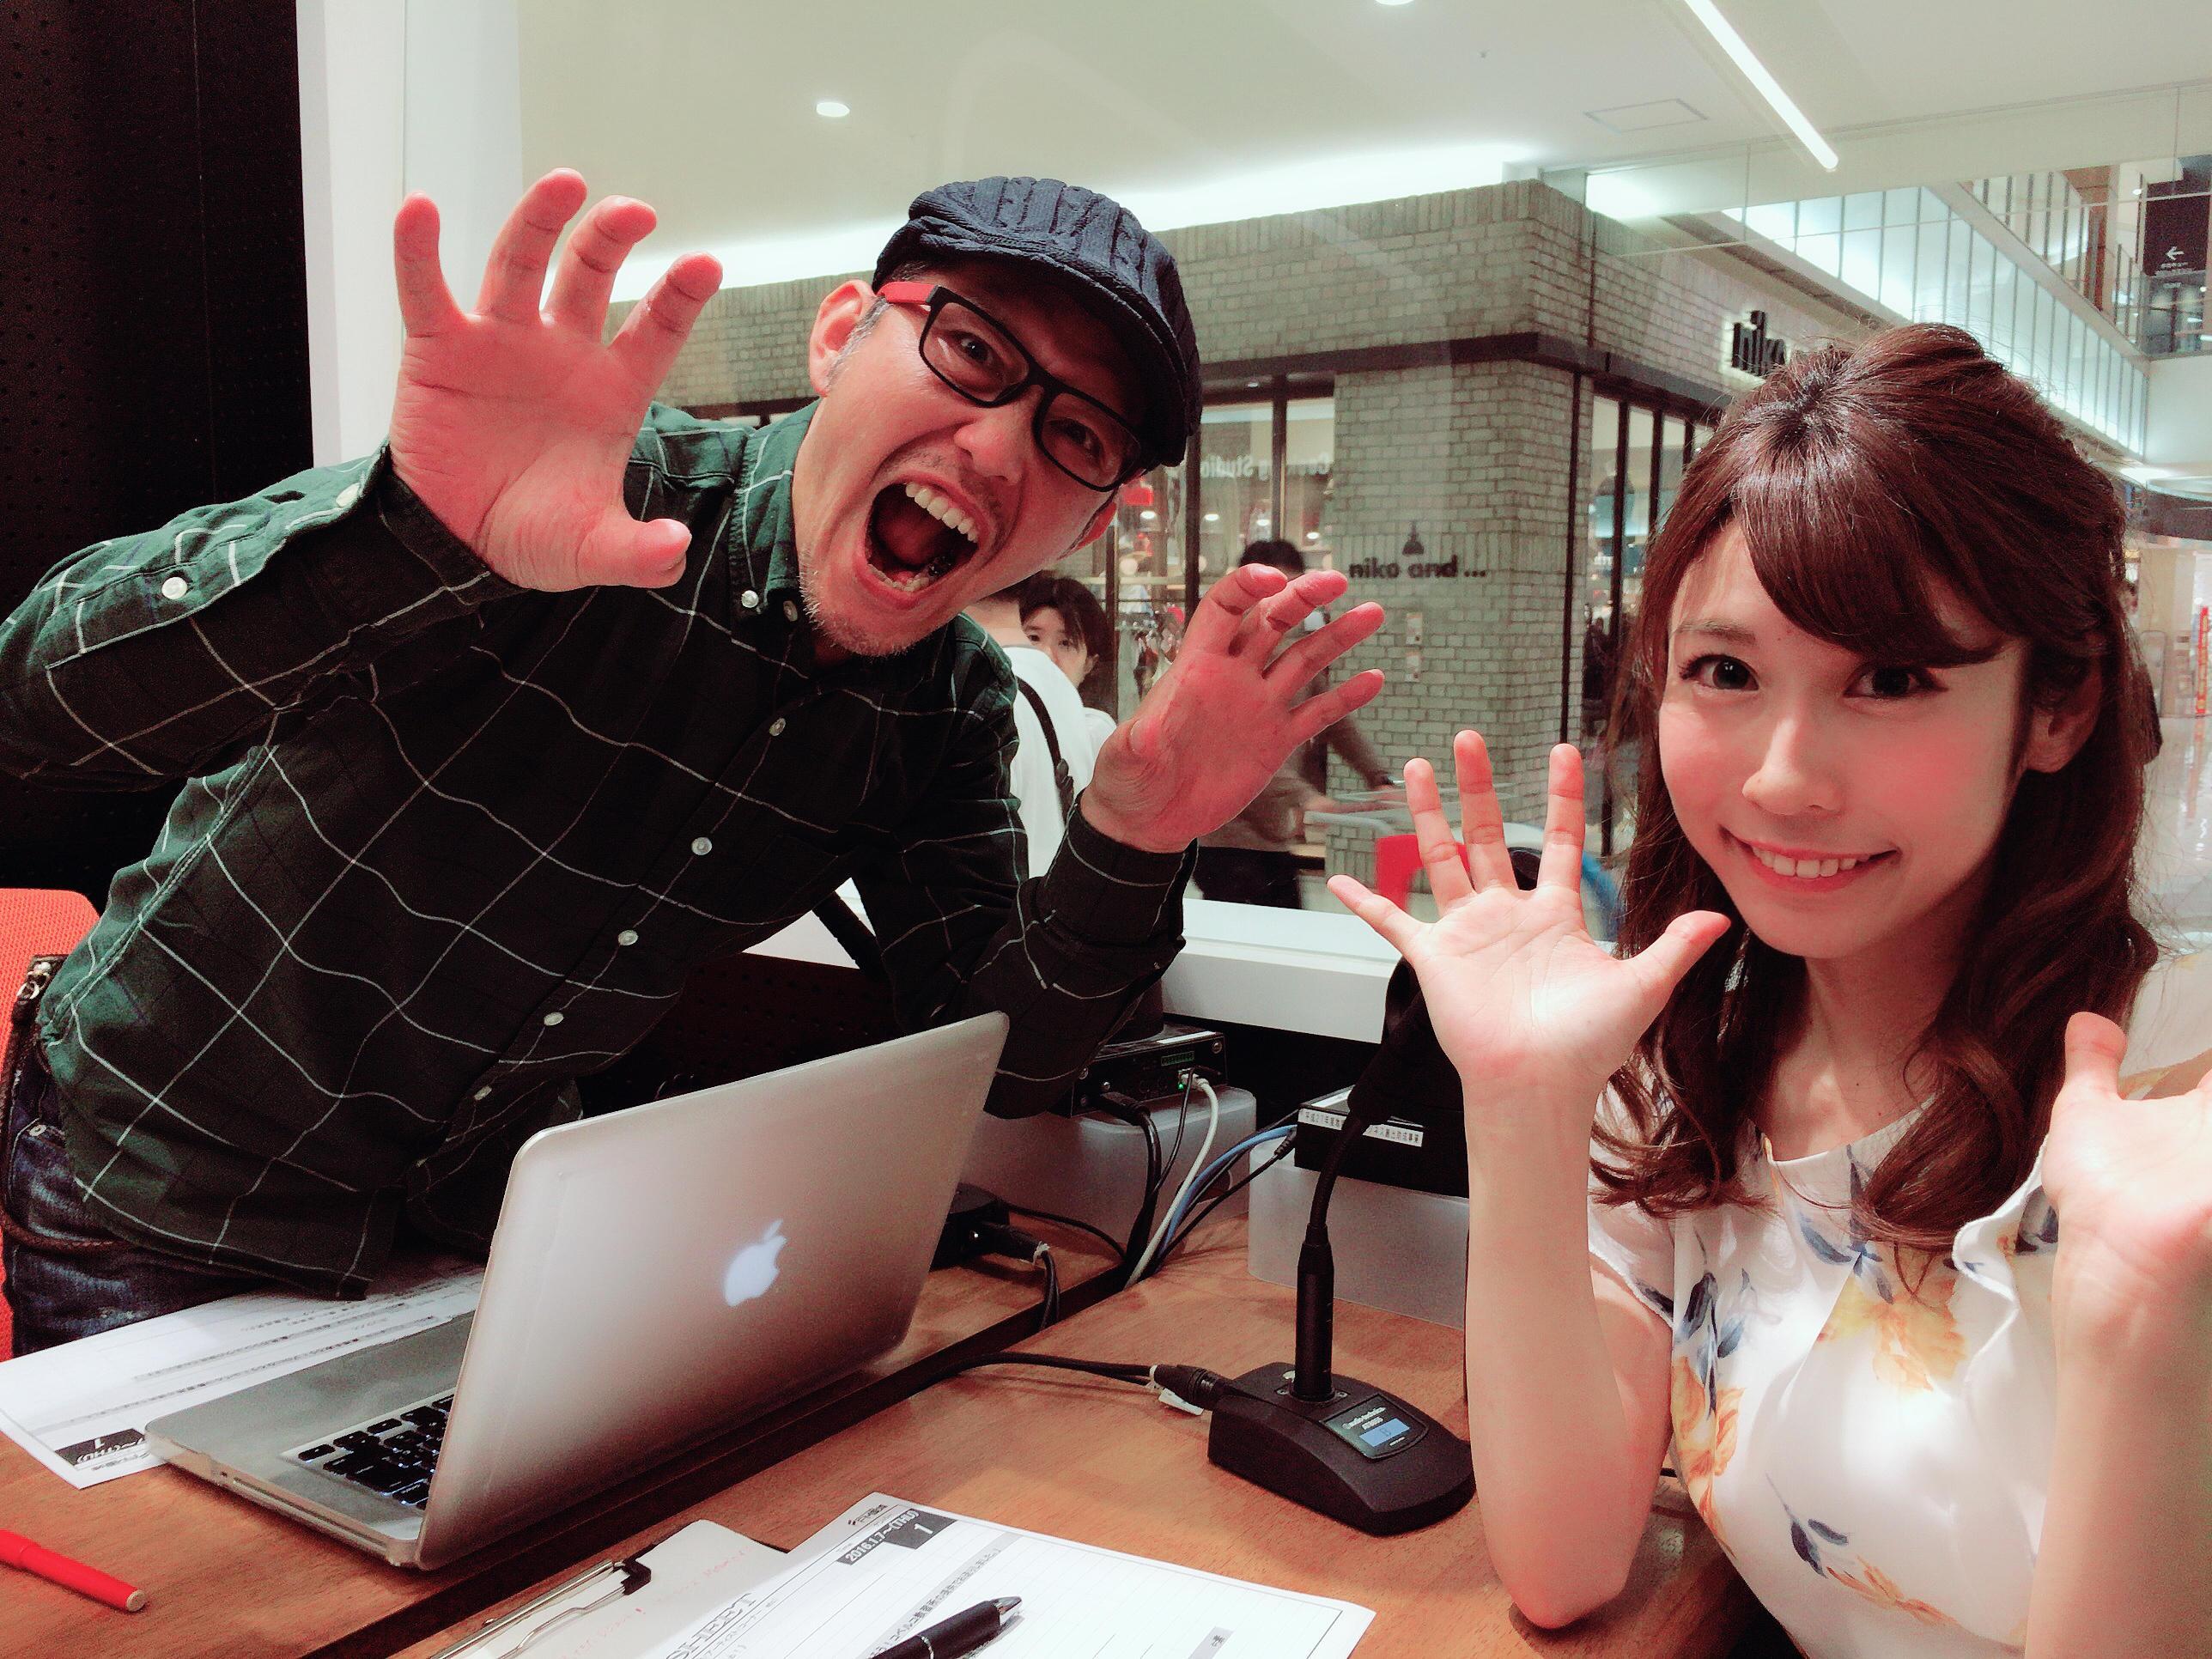 https://emifull.jp/emifulls_blog/11th/uploads/F77BC6C5-20DC-40E9-B16A-3070250F406E.jpeg